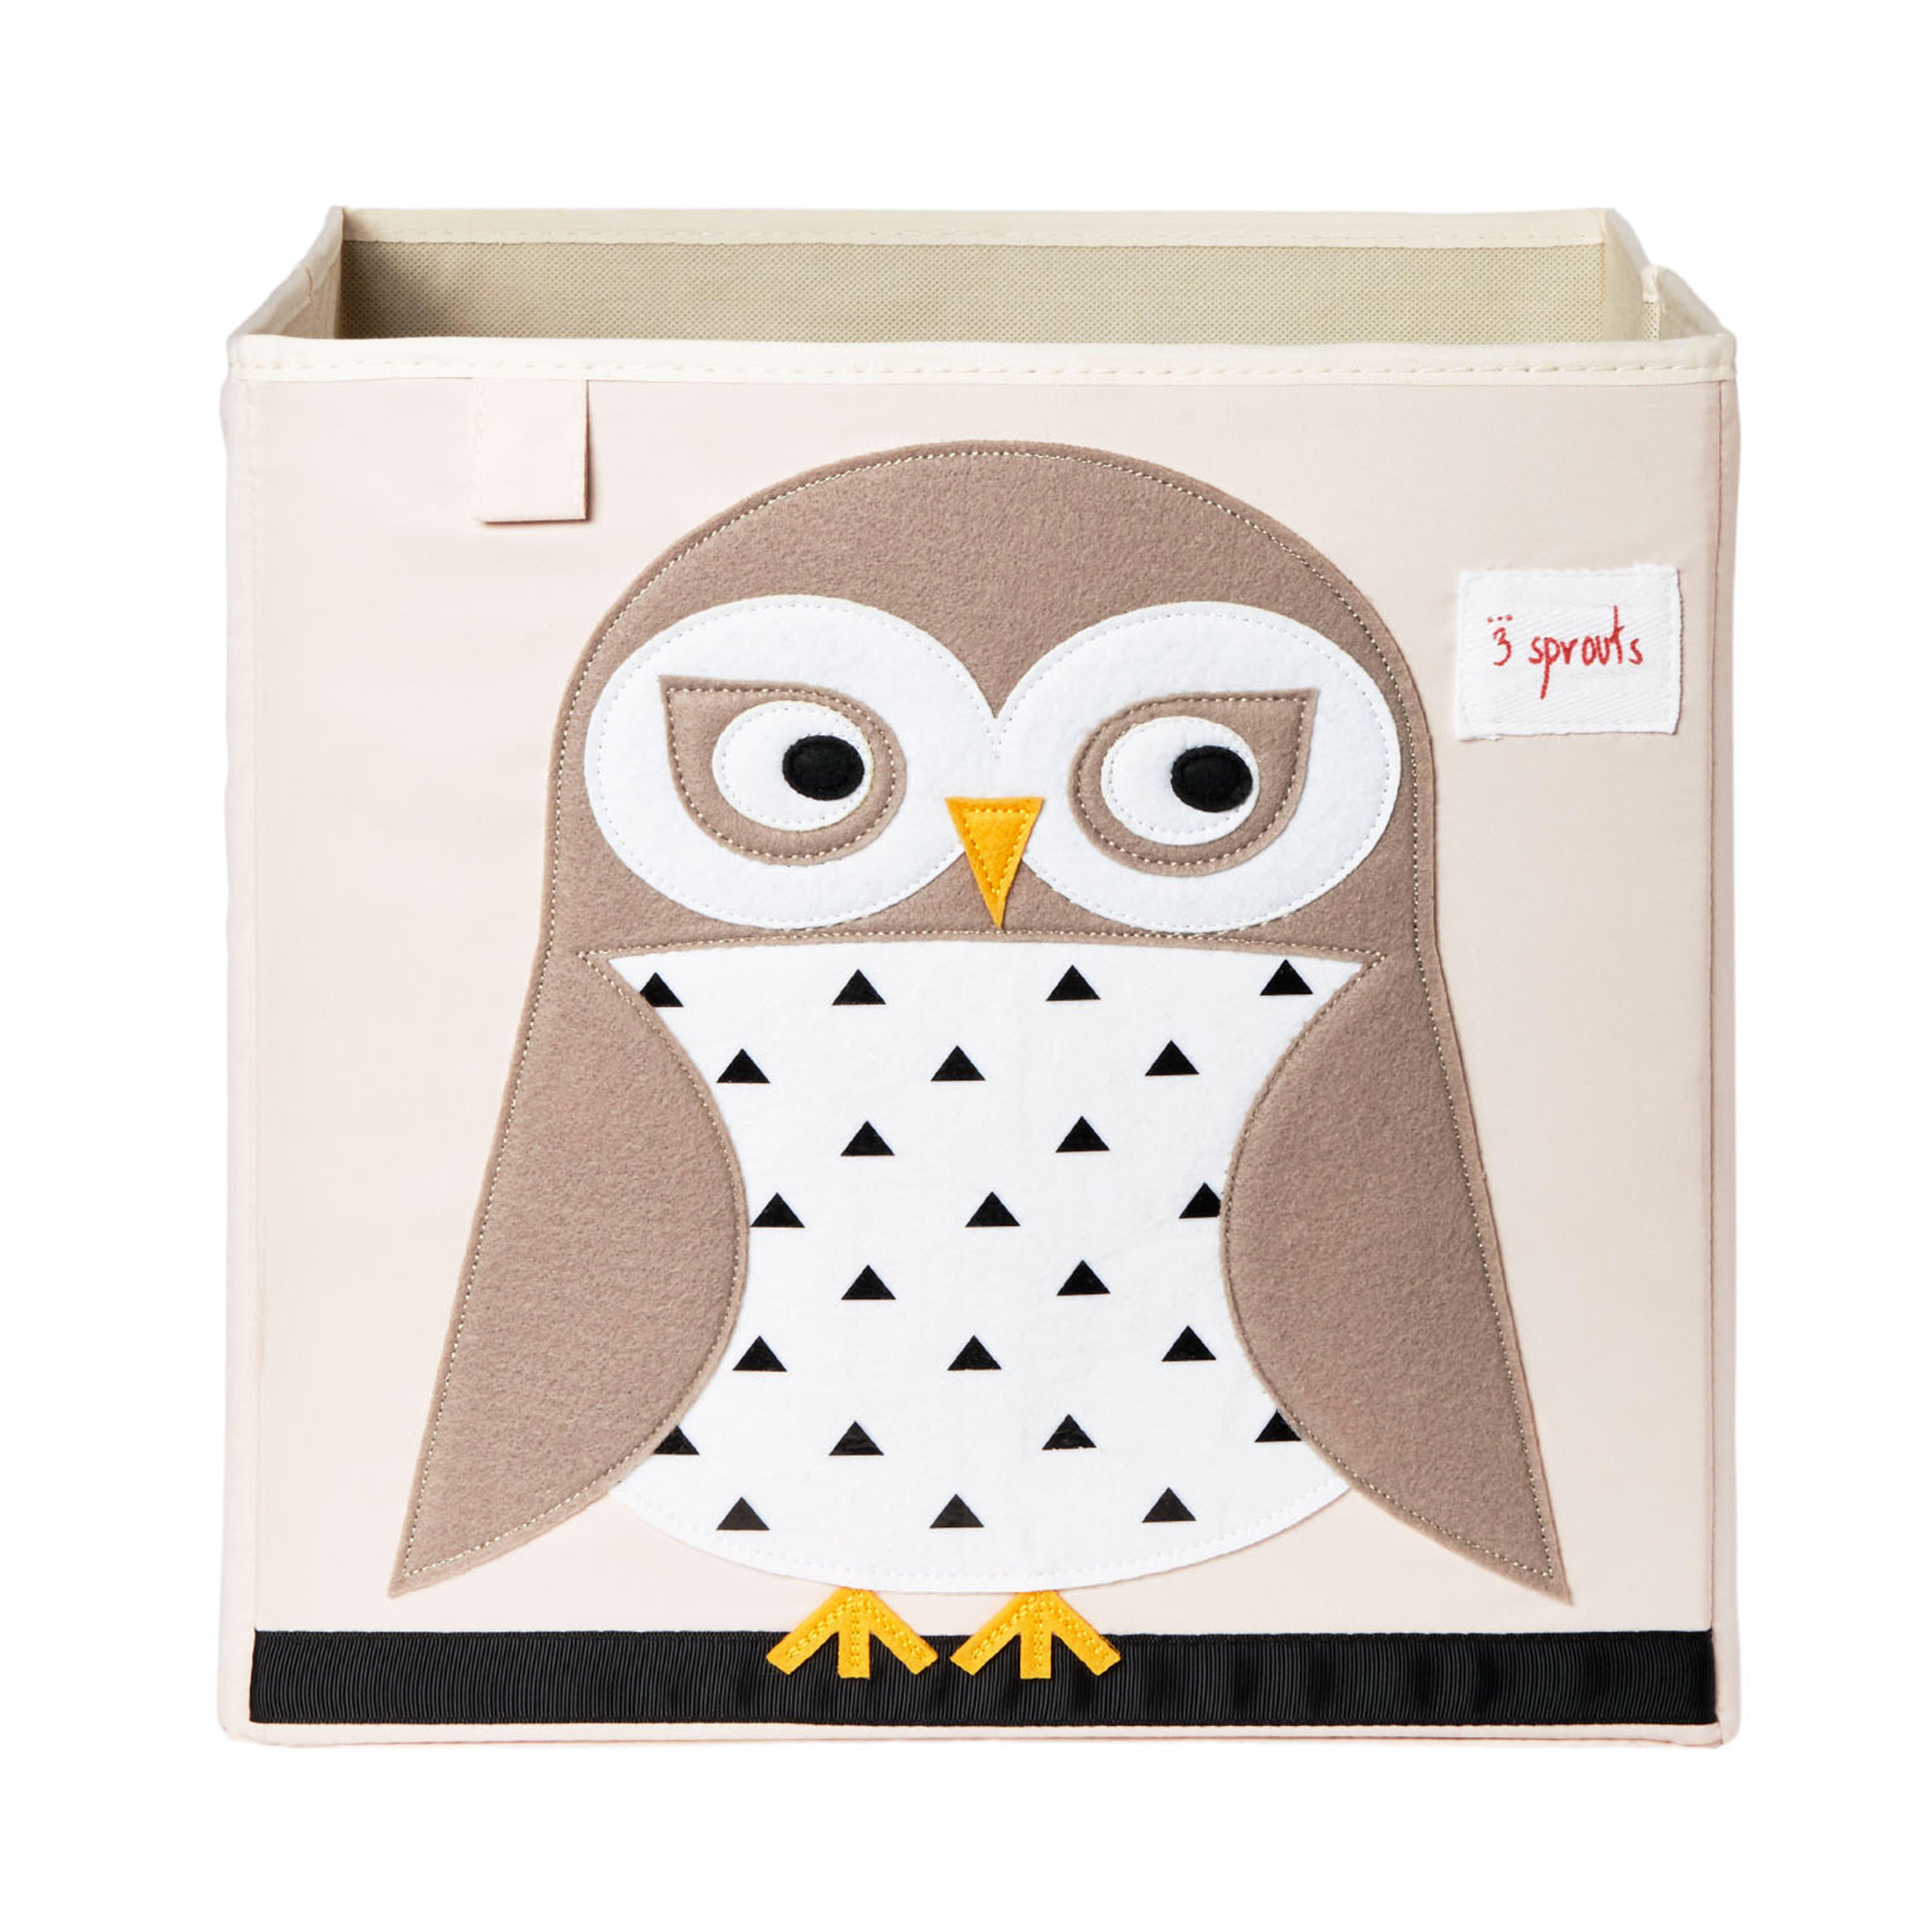 3 Sprouts - Storage Box - White Owl